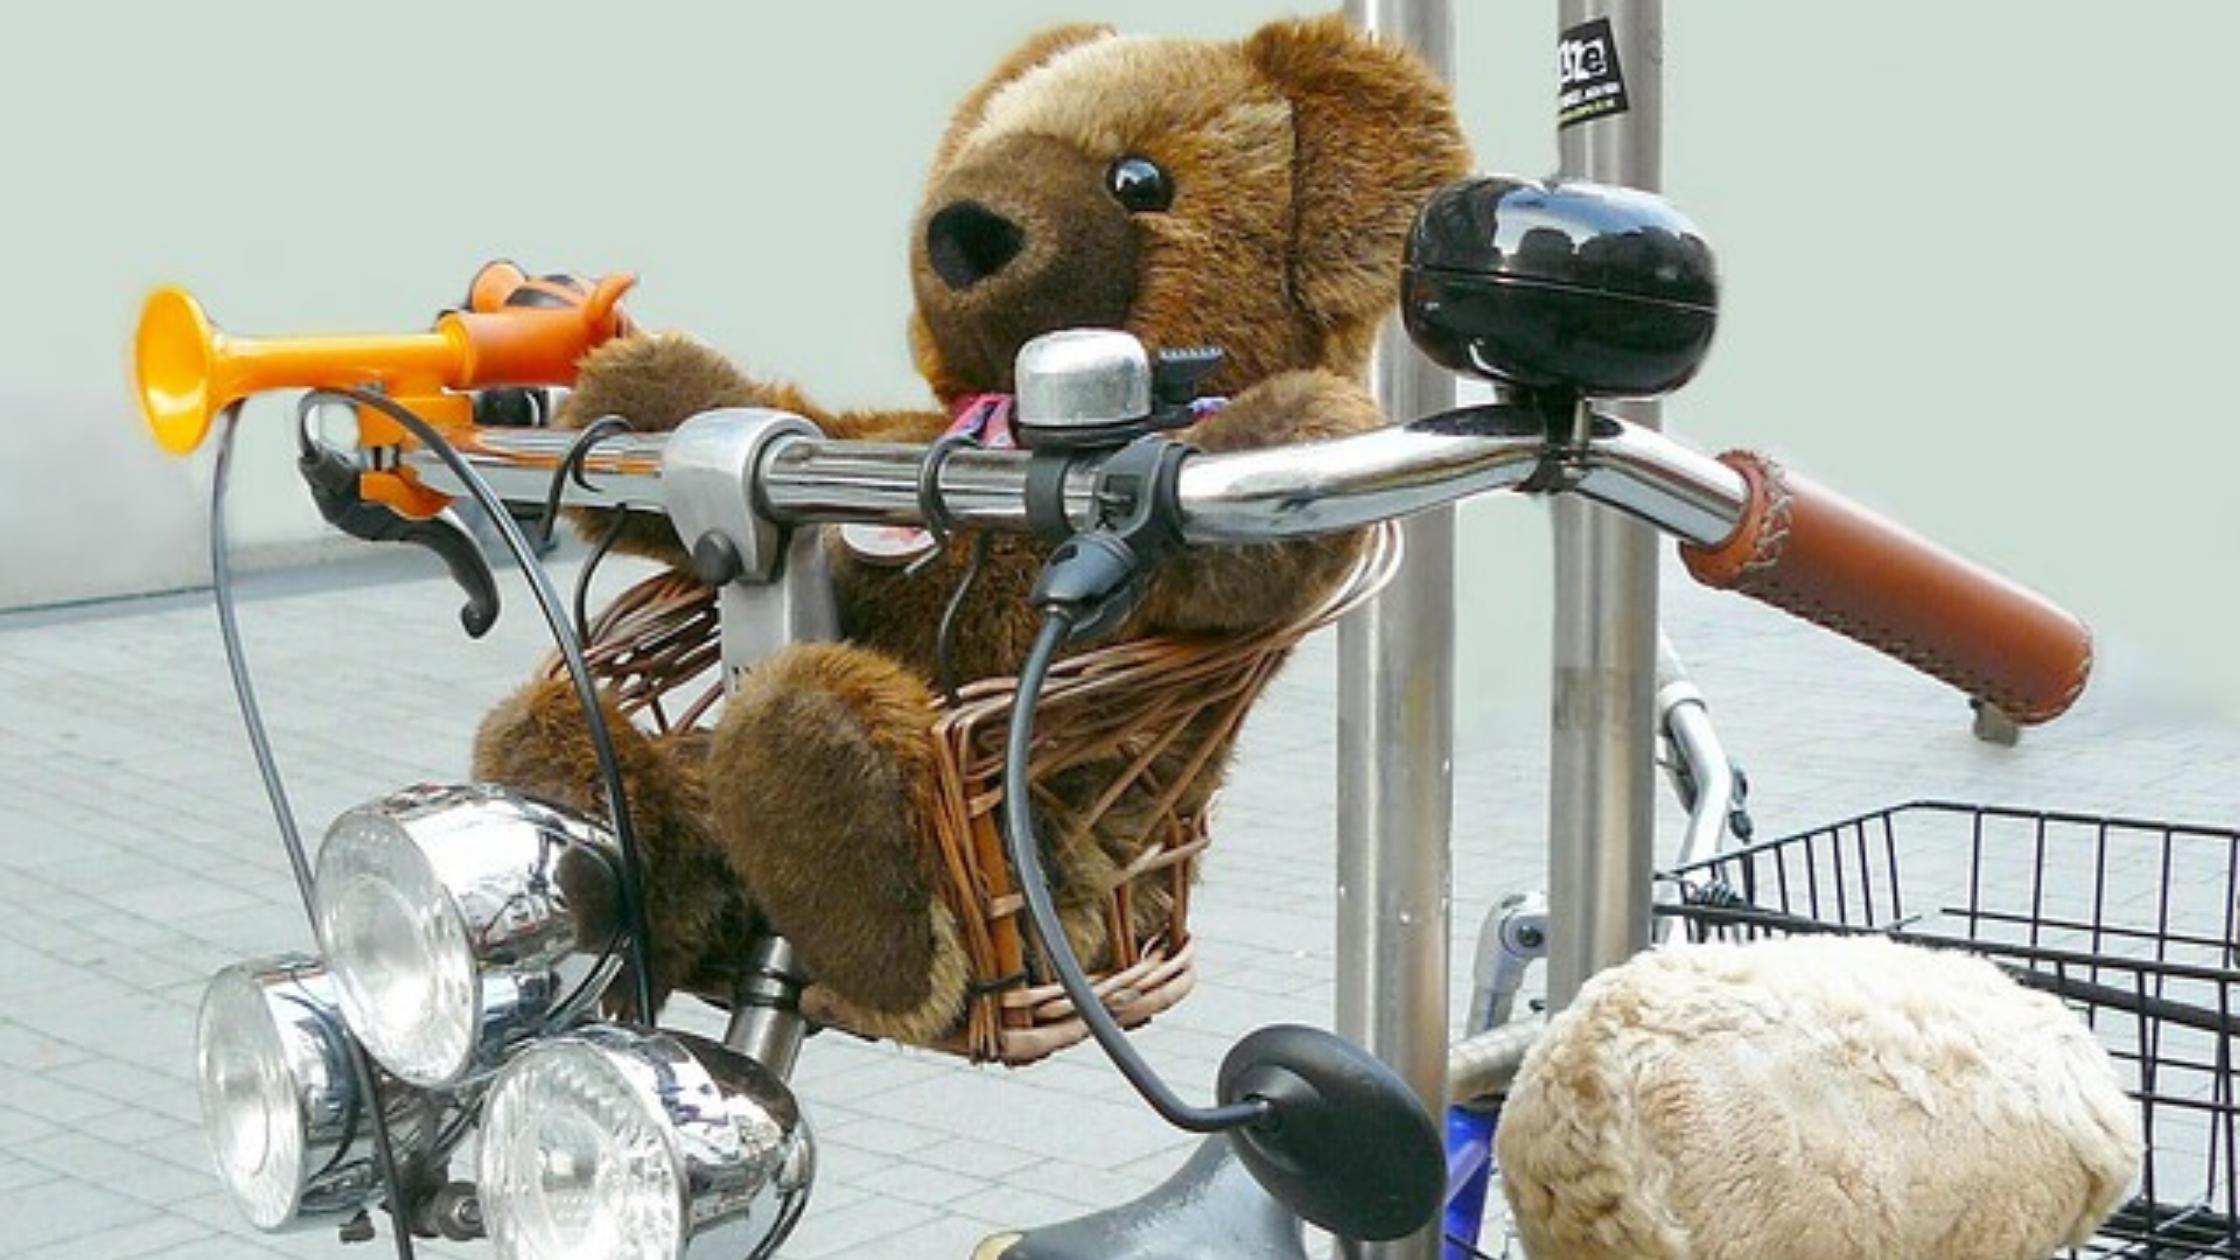 bicicleta-con-osito-montar-en-bici